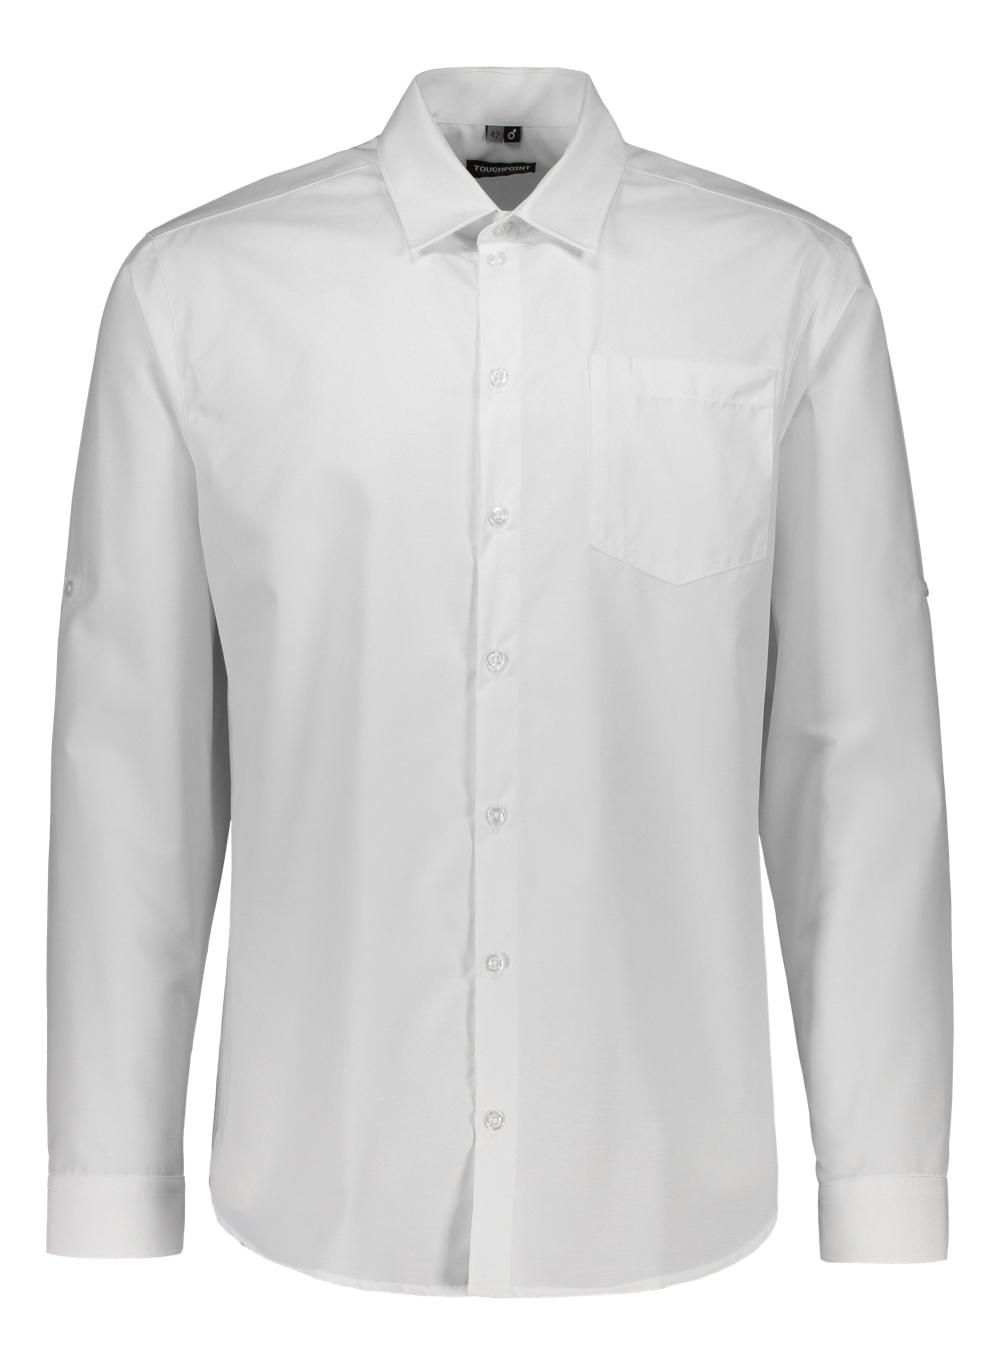 Roni miesten paitapusero, valkoinen